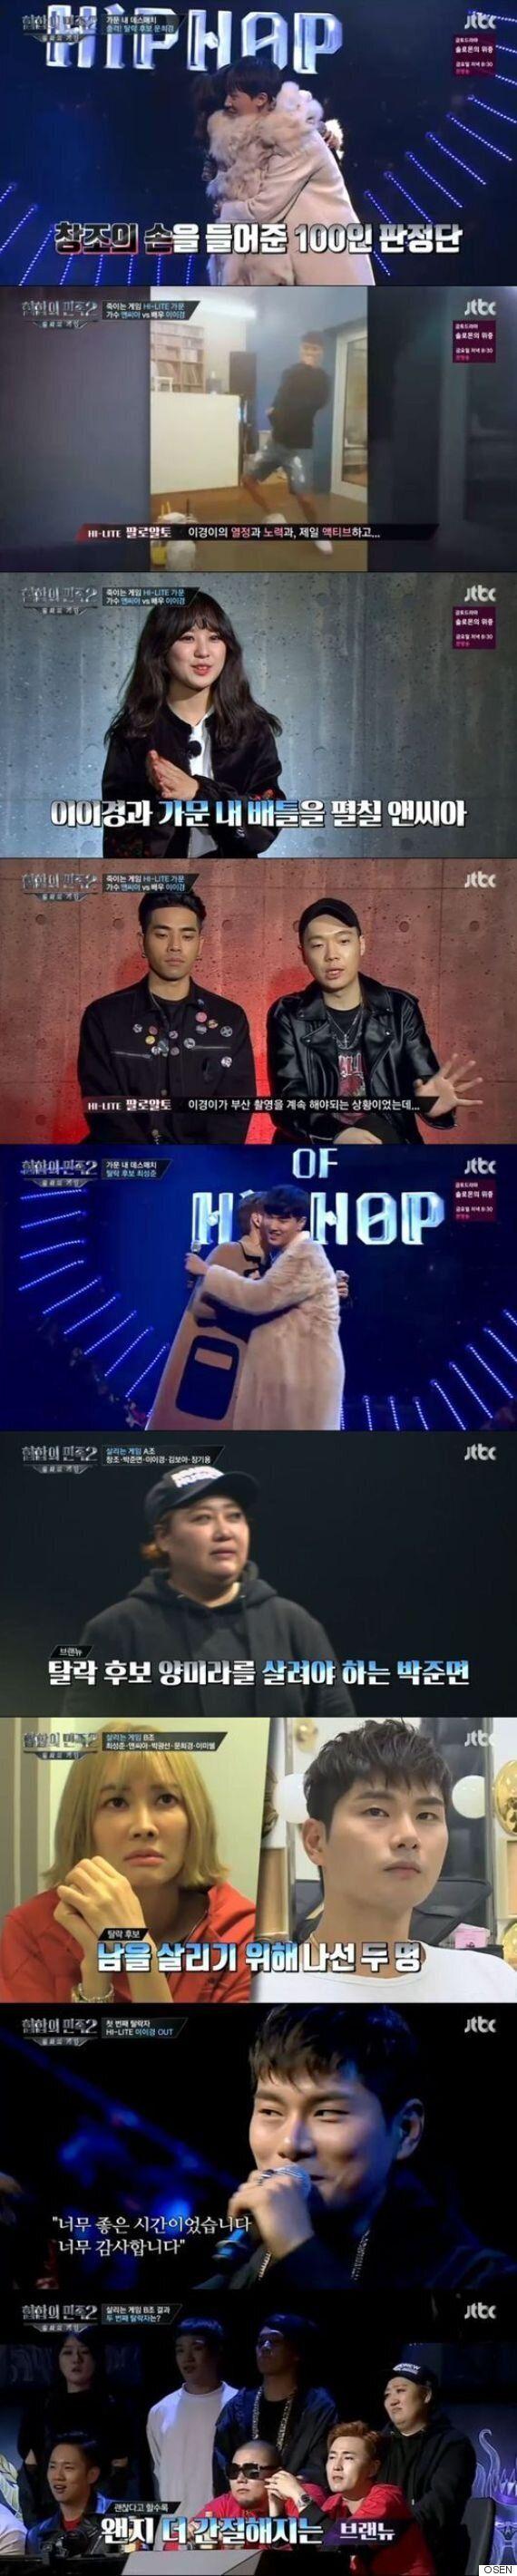 [어저께TV] '힙합2', 치열한 생존 경쟁 속 꽃핀